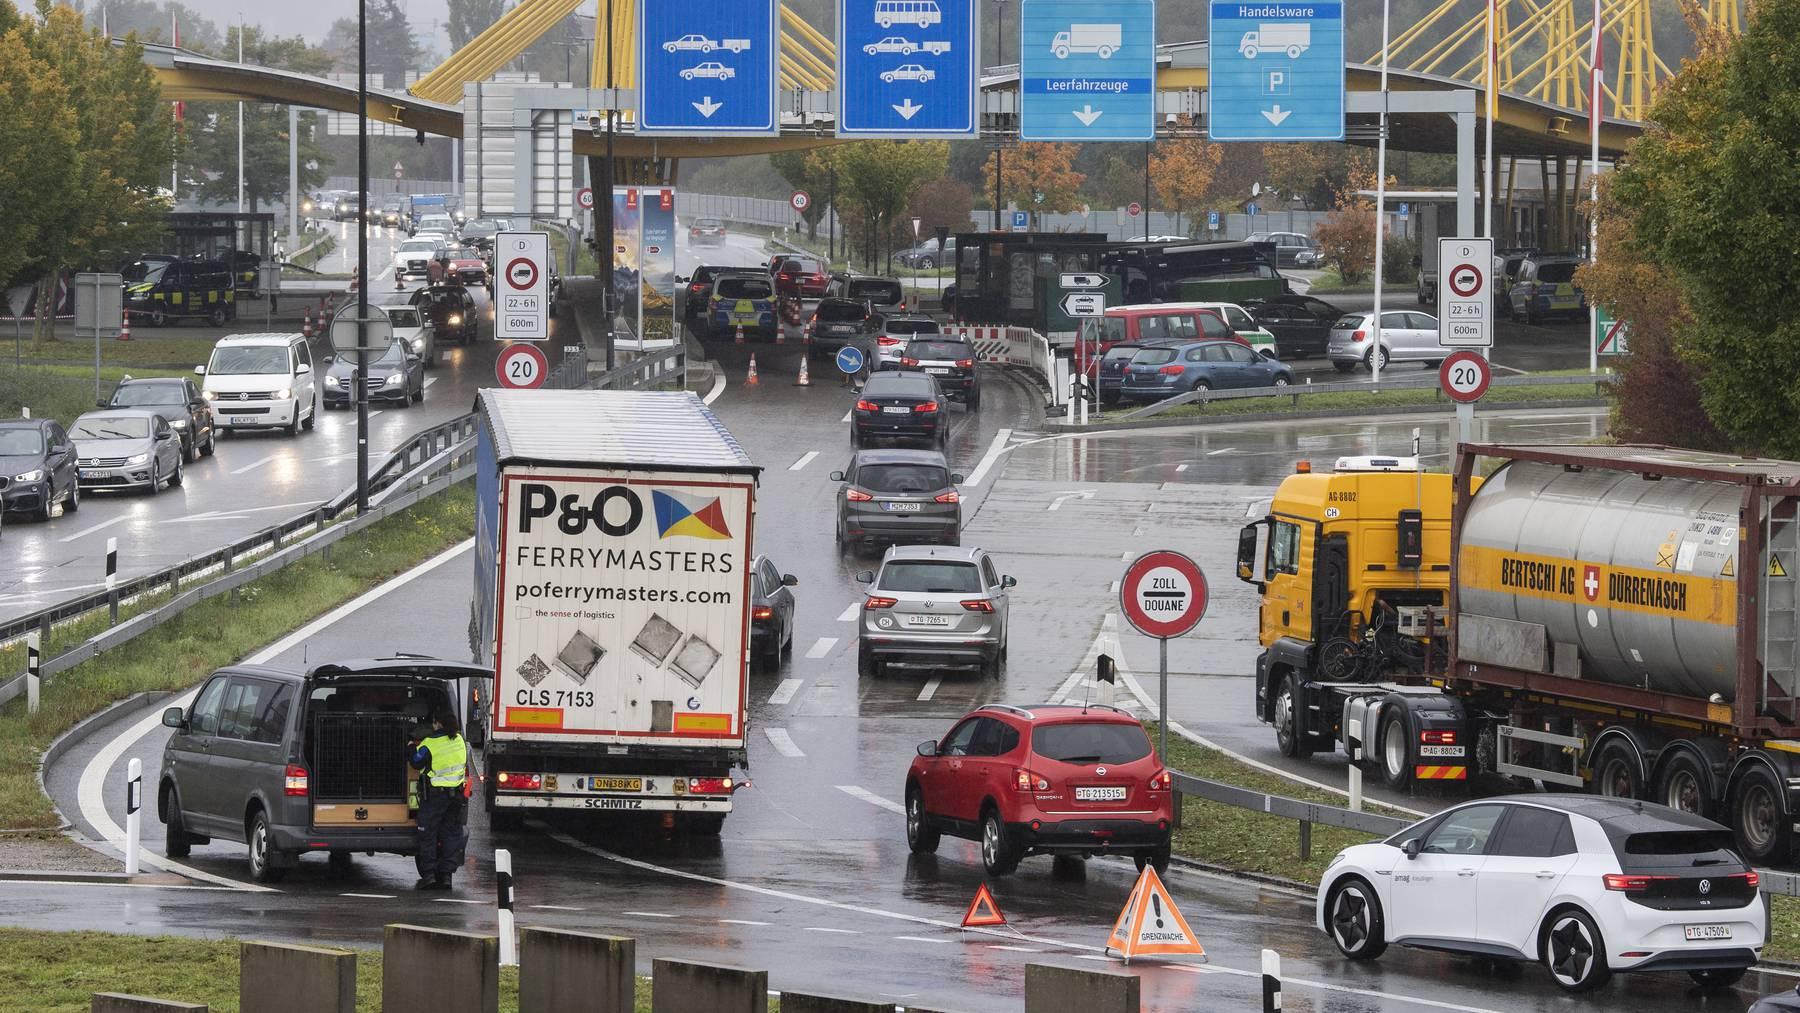 Wer aus der Schweiz nach Deutschland reist, muss entweder einen aktuellen negativen Corona-Test vorweisen oder sich in Quarantäne begeben.